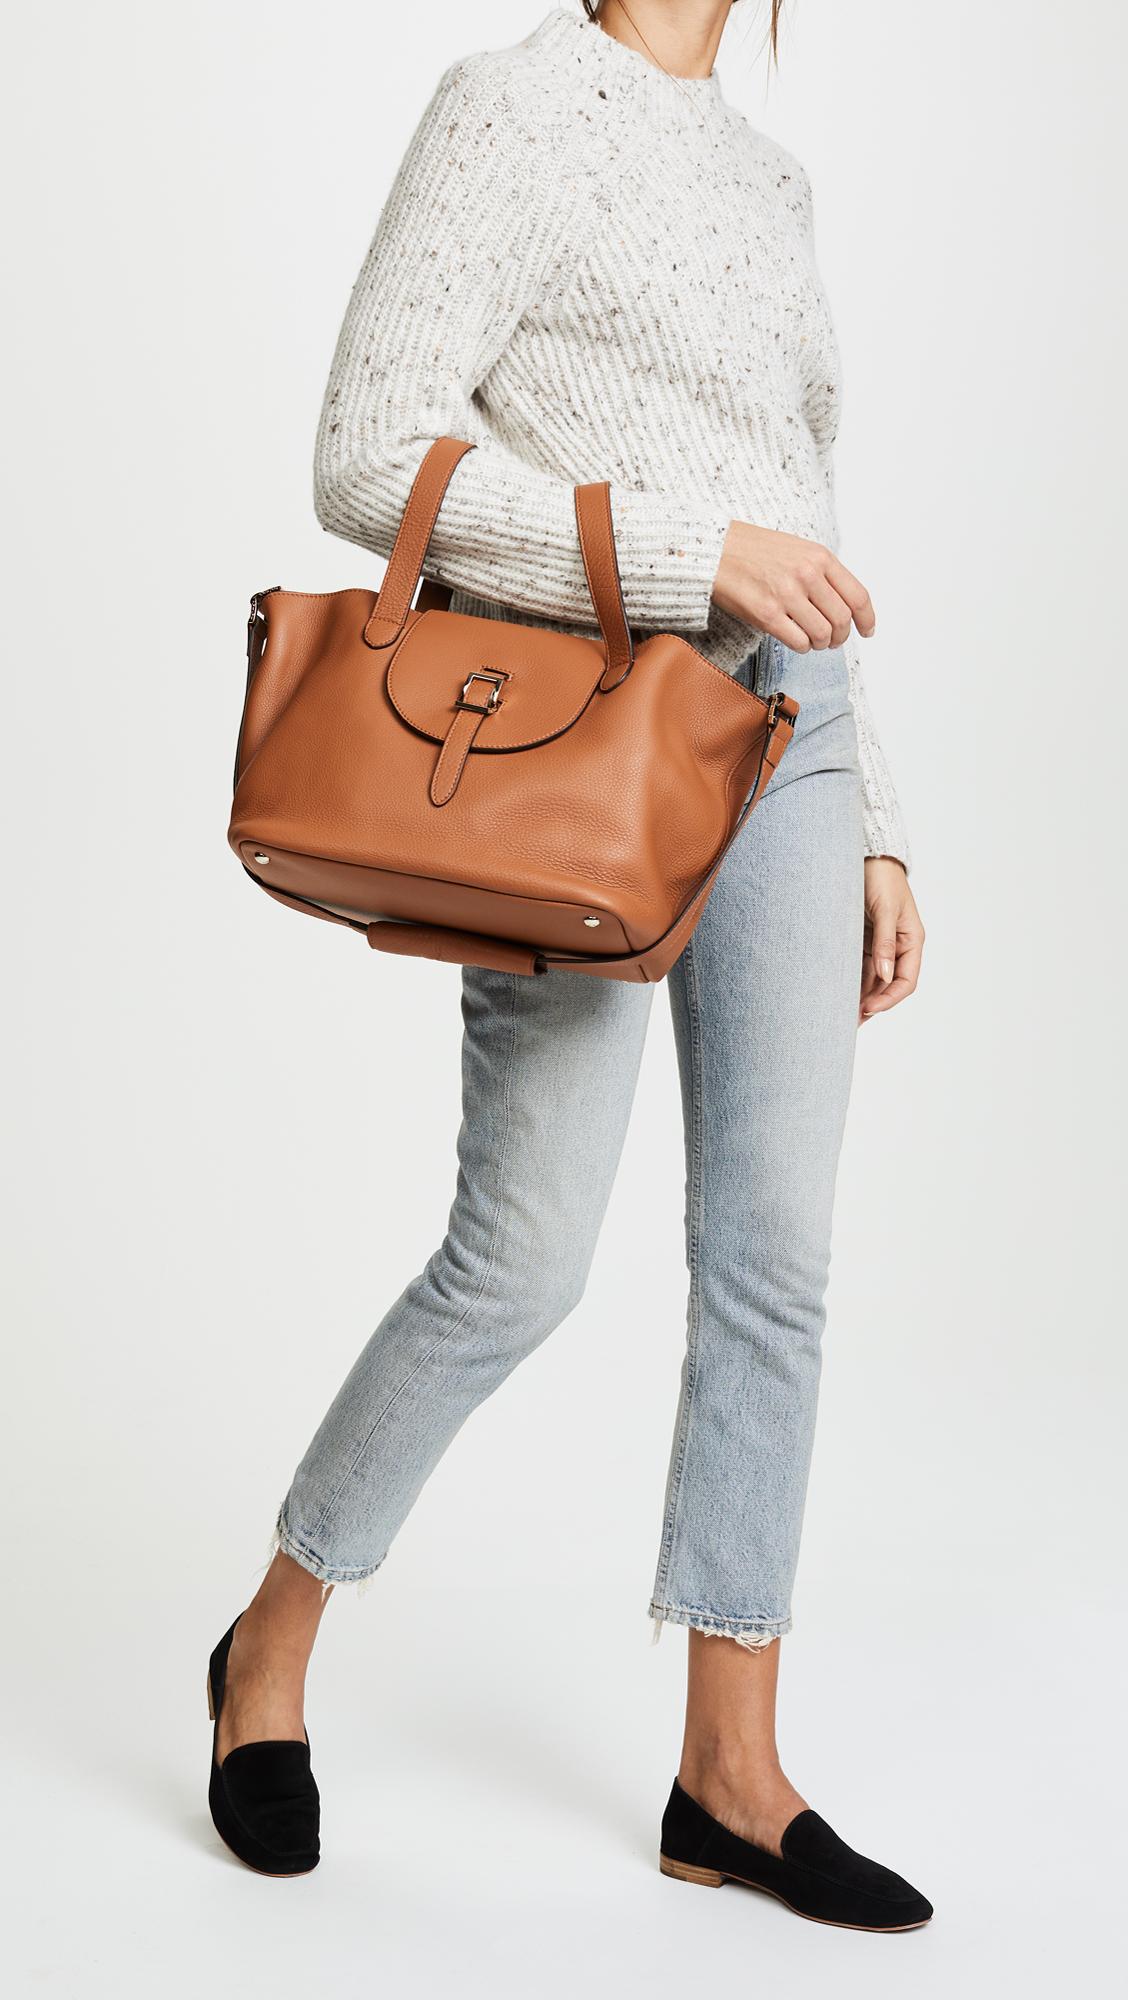 d0165ea3abd0 meli melo Thela Medium Handbag